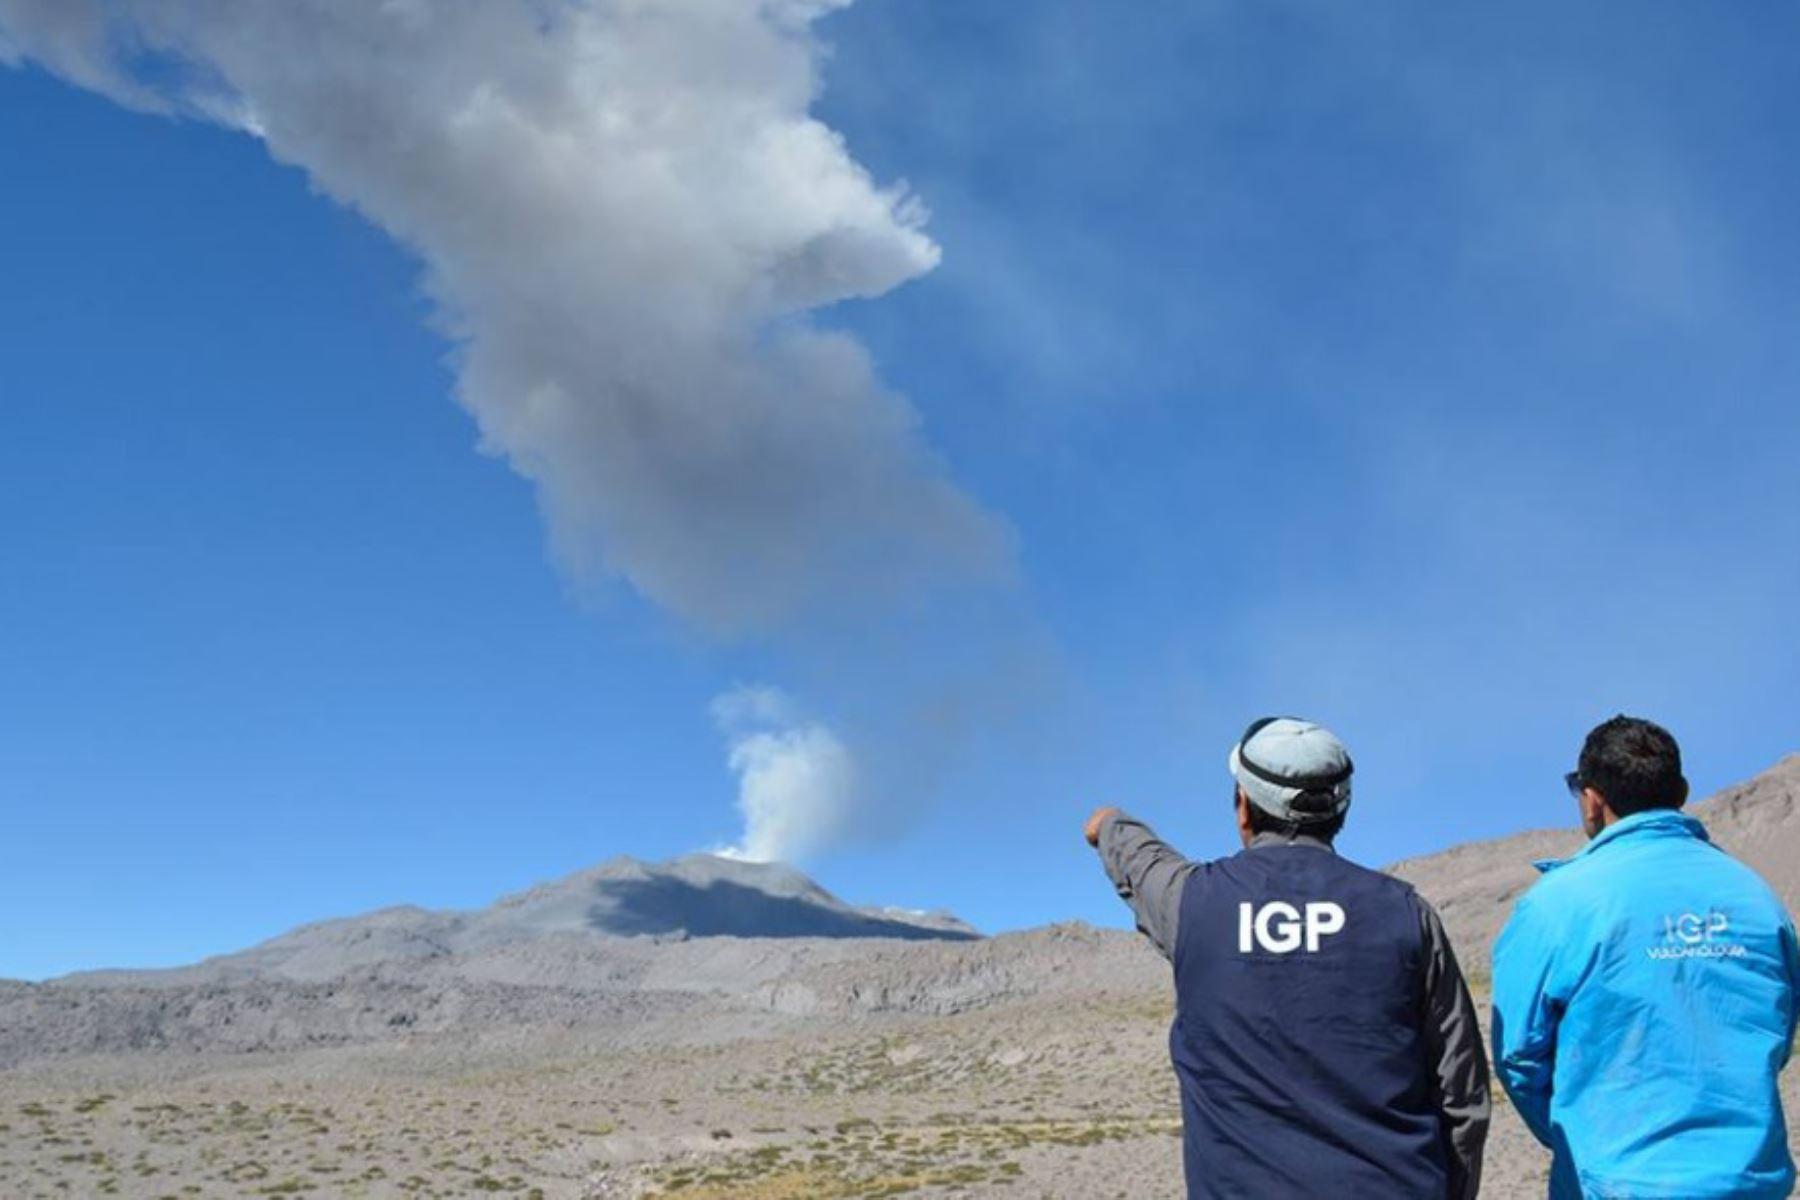 El volcán Sabancaya, ubicado en Arequipa, expulsó cenizas esta mañana las cuales se dispersaron hacia el sector suroeste de este macizo, donde se localizan el distrito de Lluta y sus diferentes anexos., en la provincia de Caylloma, por lo que el Instituto Geofísico del Perú (IGP), recomienda a la población tomar las debidas precauciones.ANDINA/DifusiónANDINA/Difusión